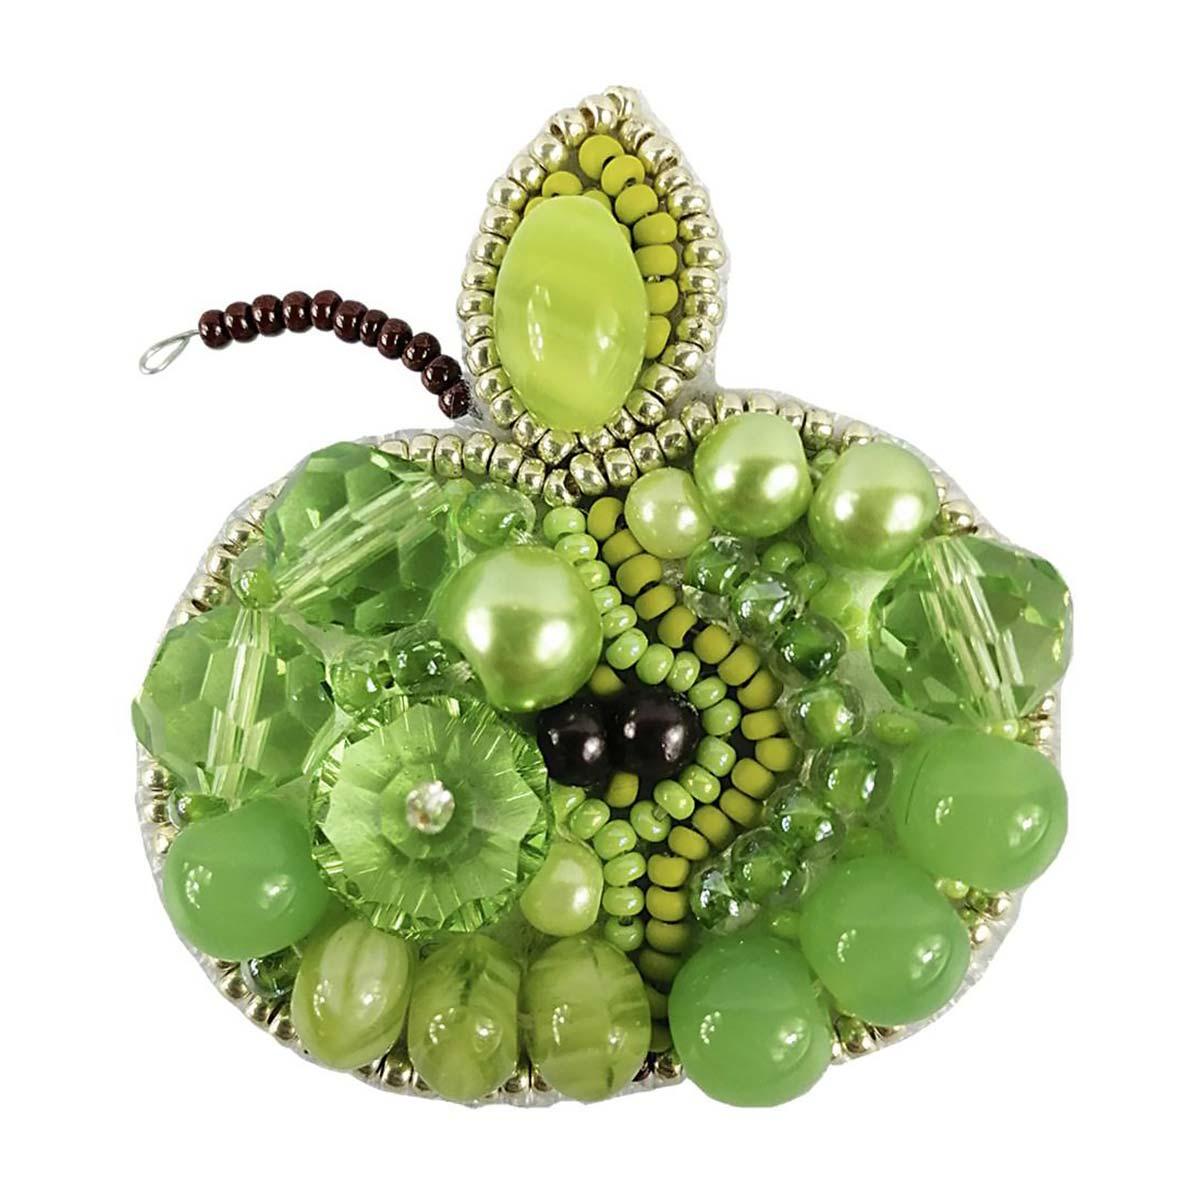 БП256 Набор для изготовления броши 'Зелёное яблоко' брошь 5,5*5,0см.